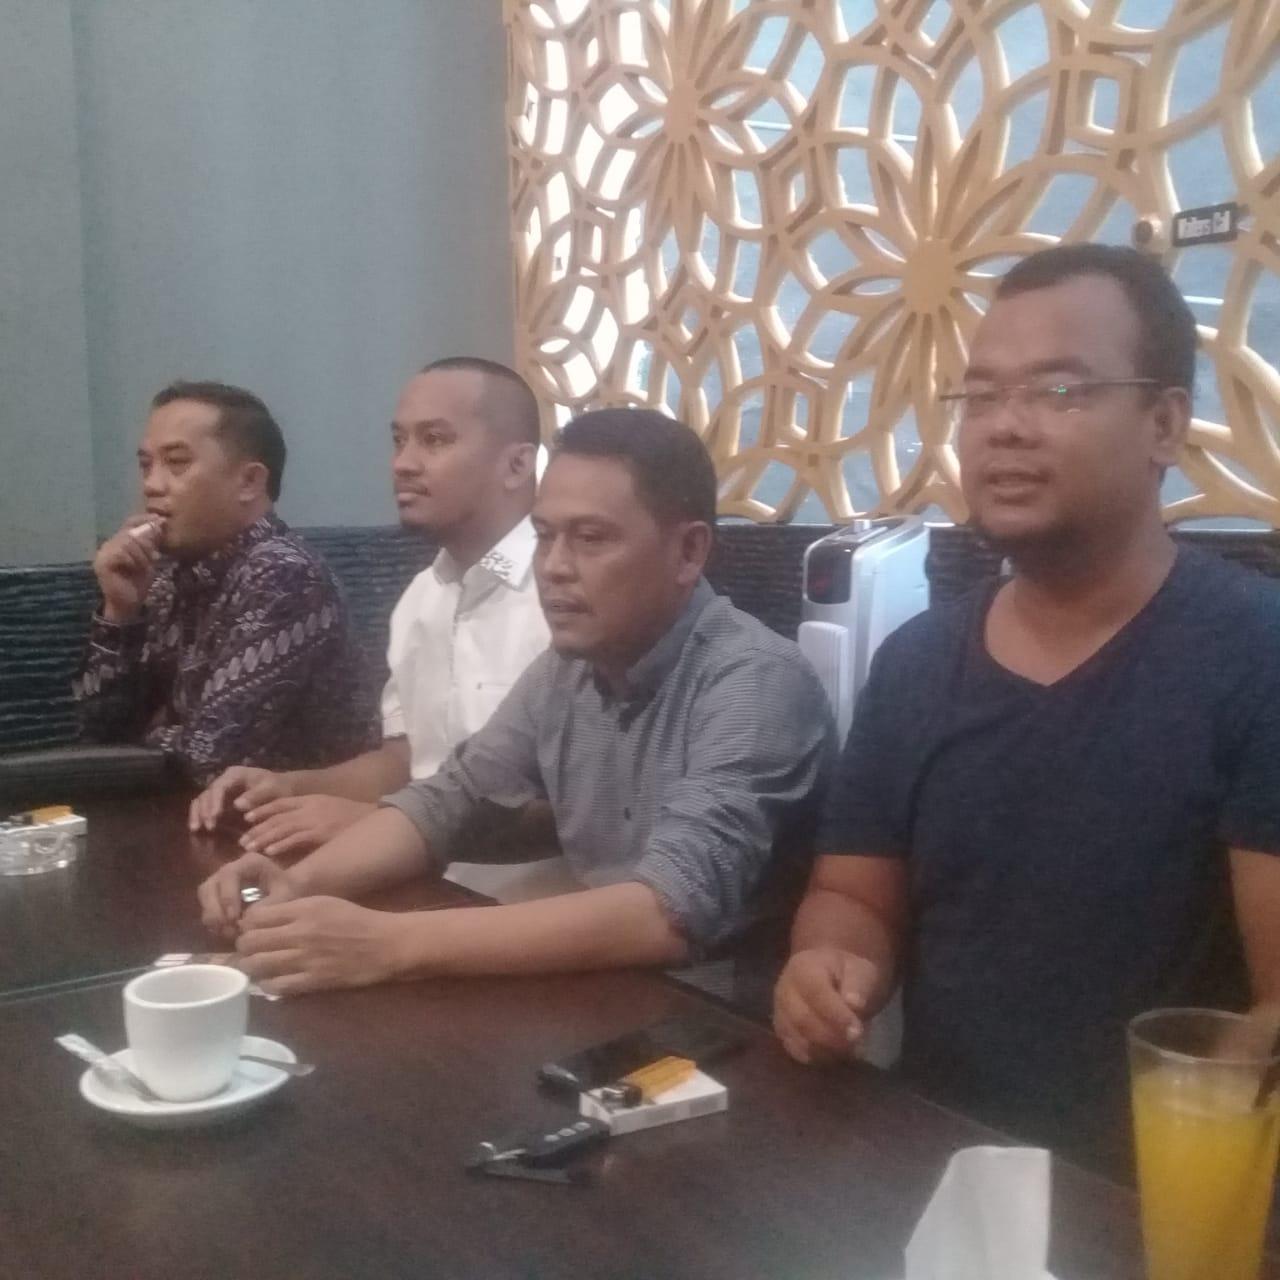 Ketua DPRD Nyatakan Pengesahan AKD Tidak Memenuhi Syarat